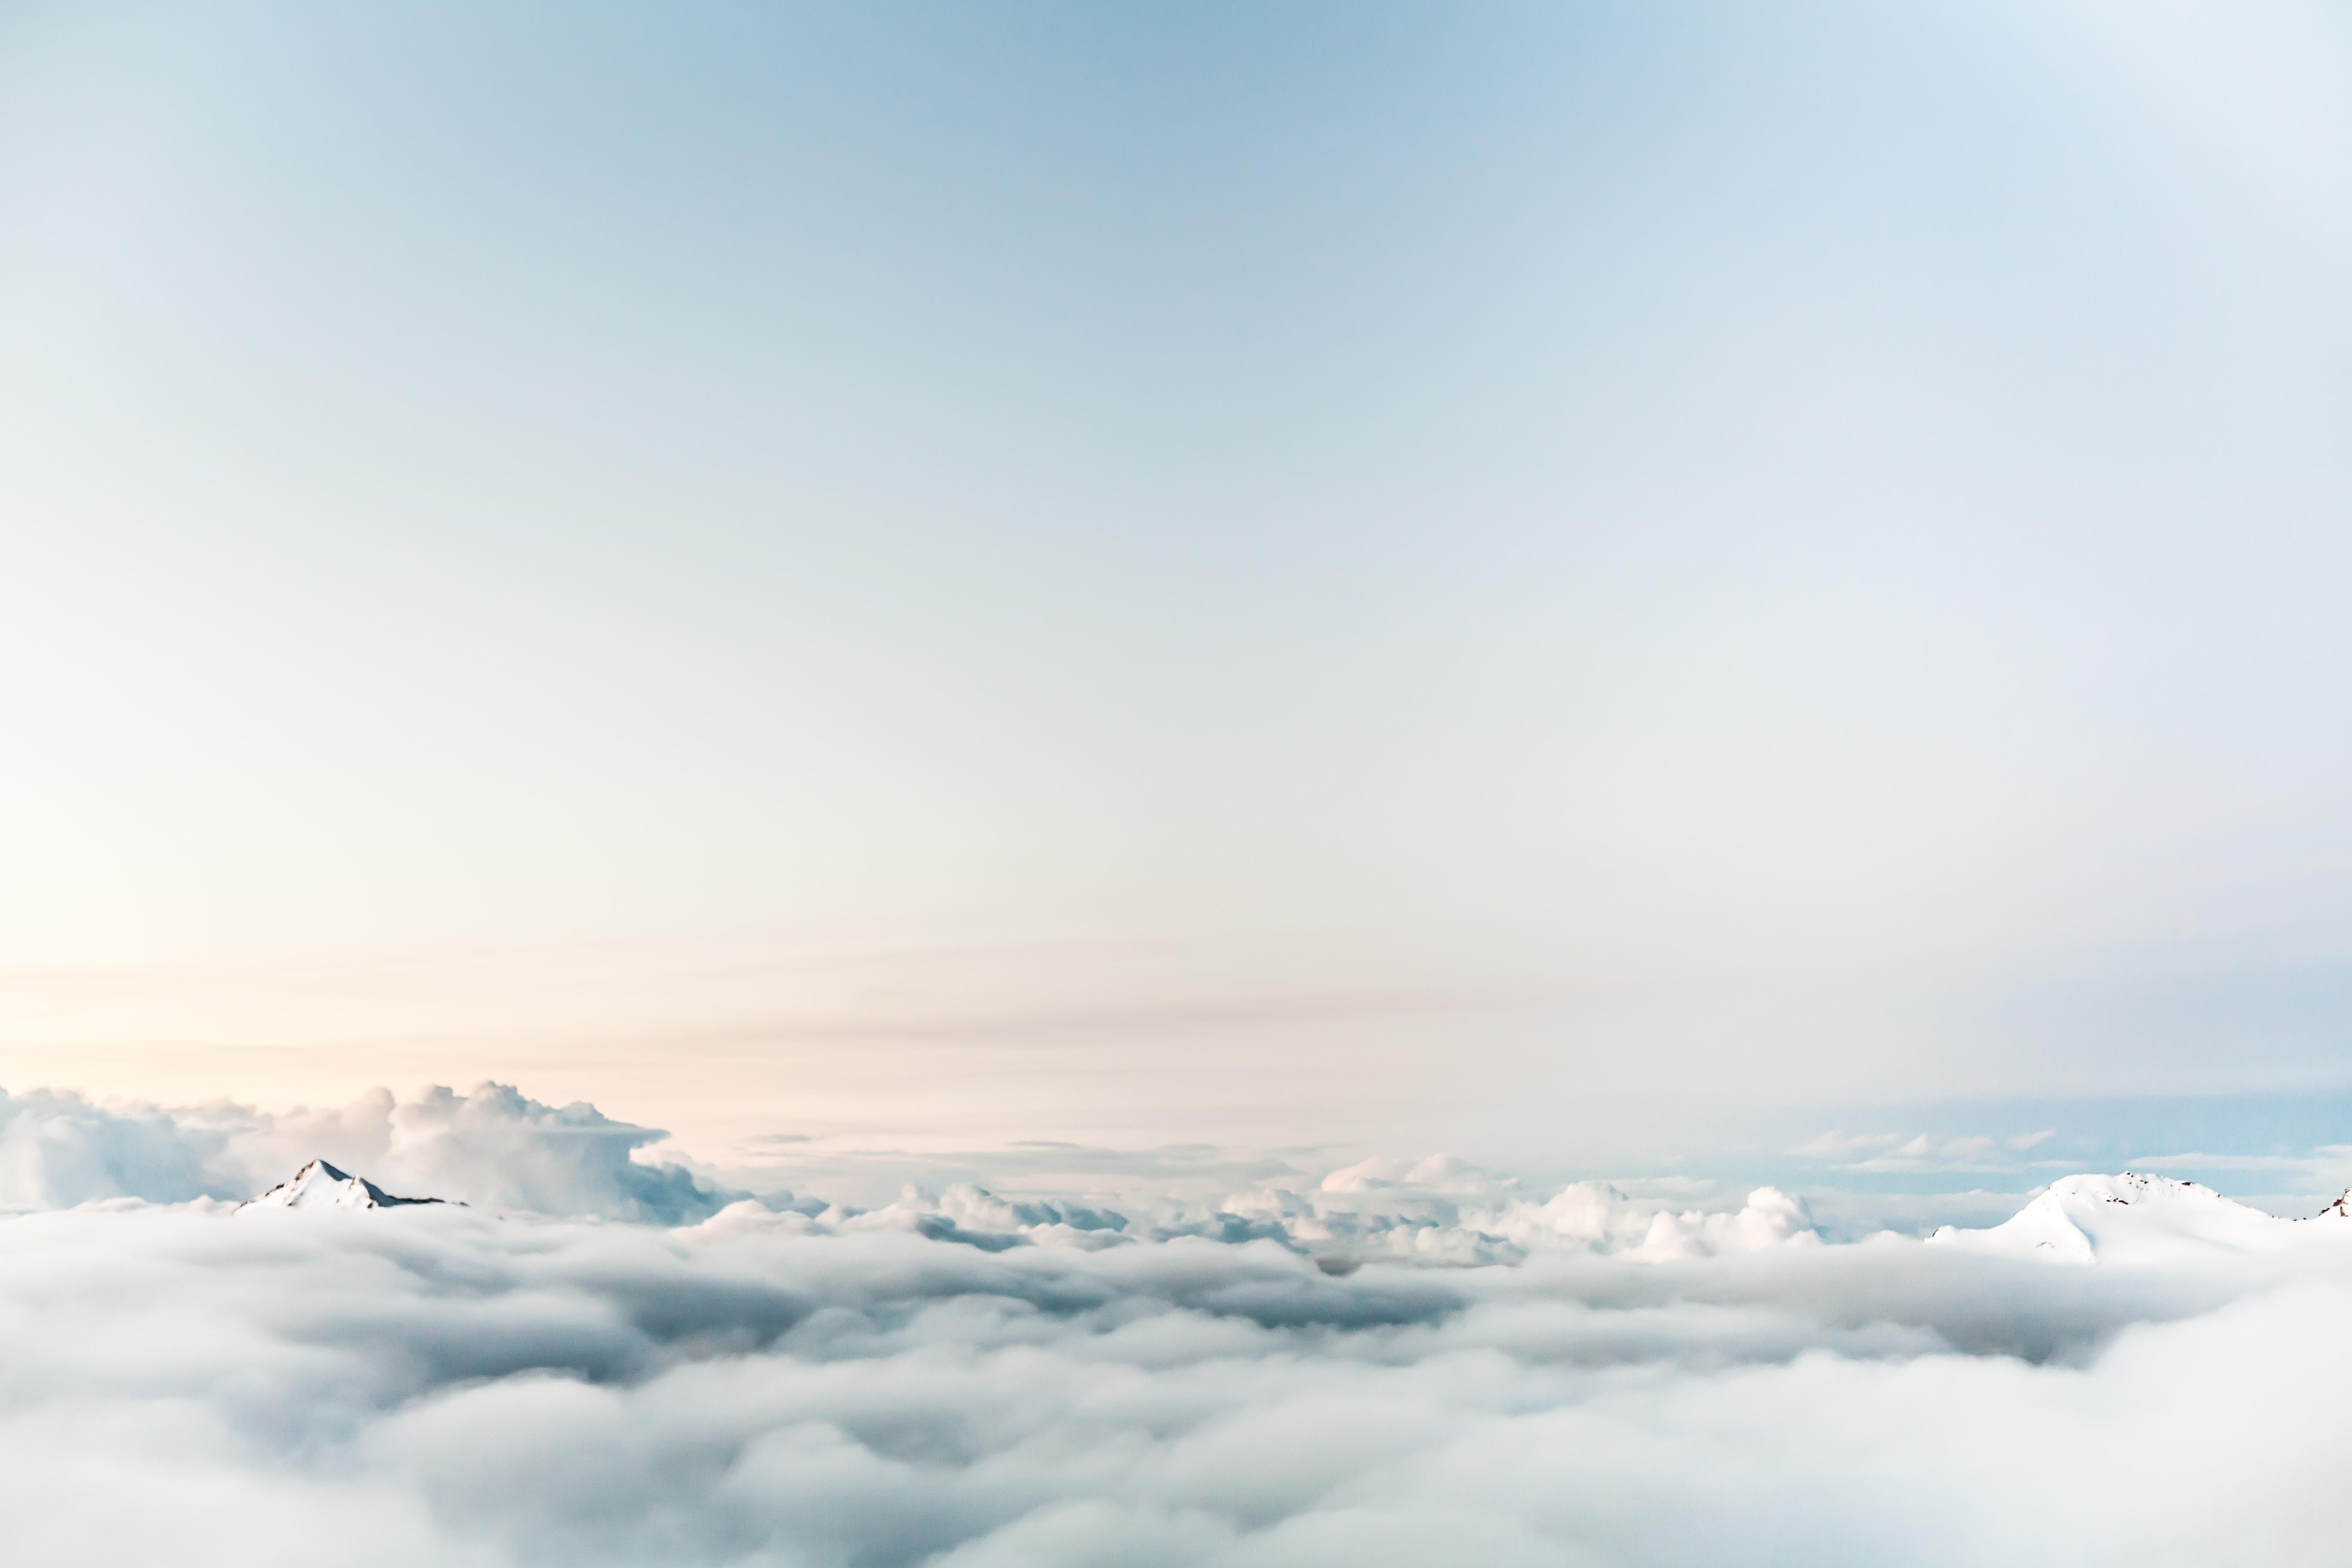 Hemsida företag, känns som på moln?